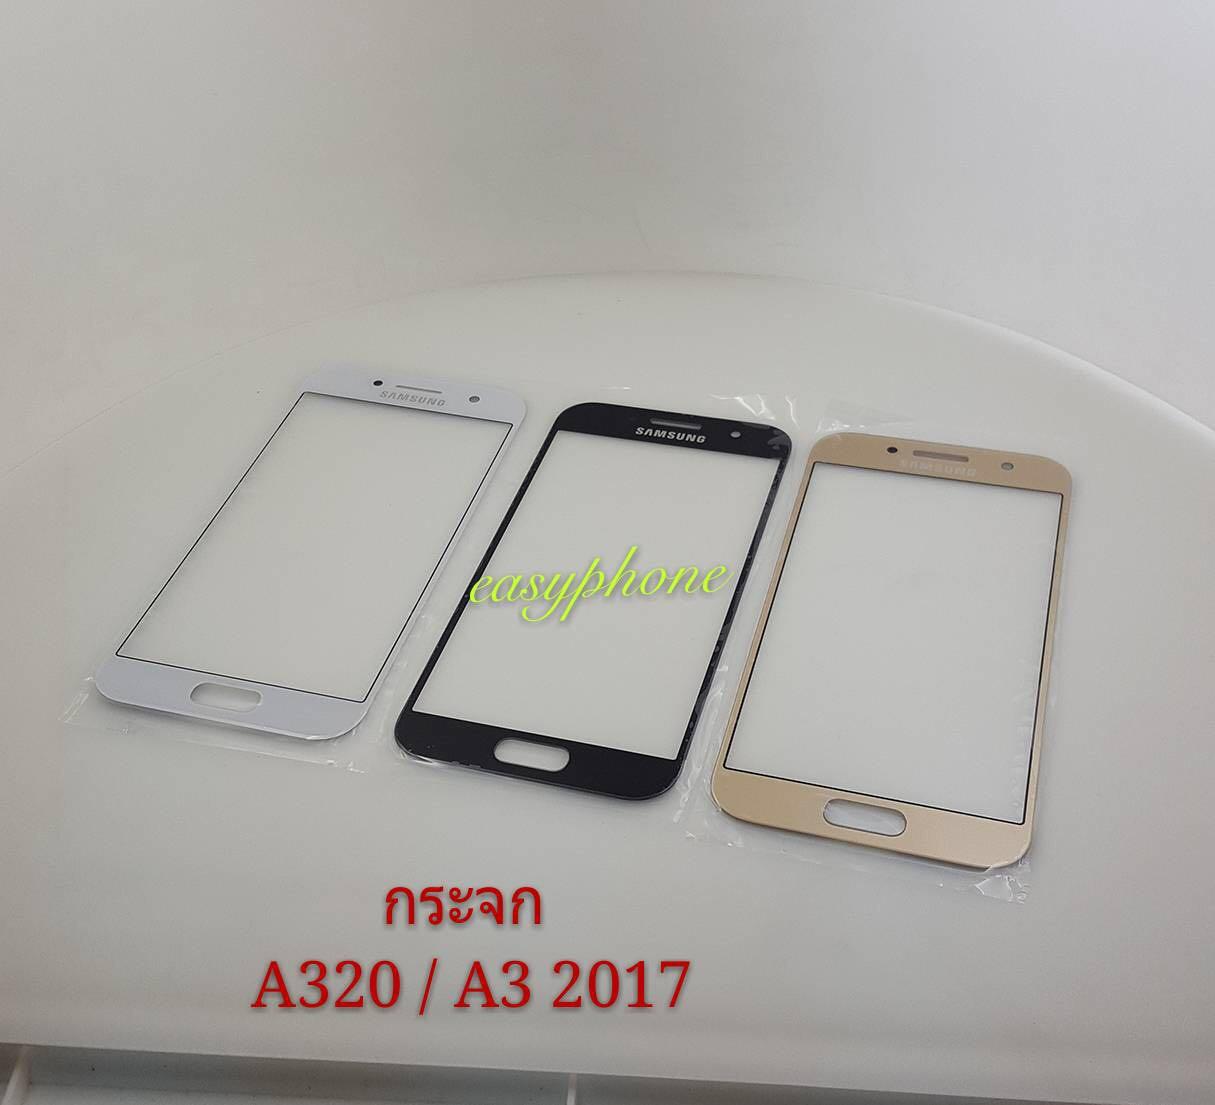 กระจก A320 / A3 2017/ // มีสีขาว,สีดำ, สีทอง